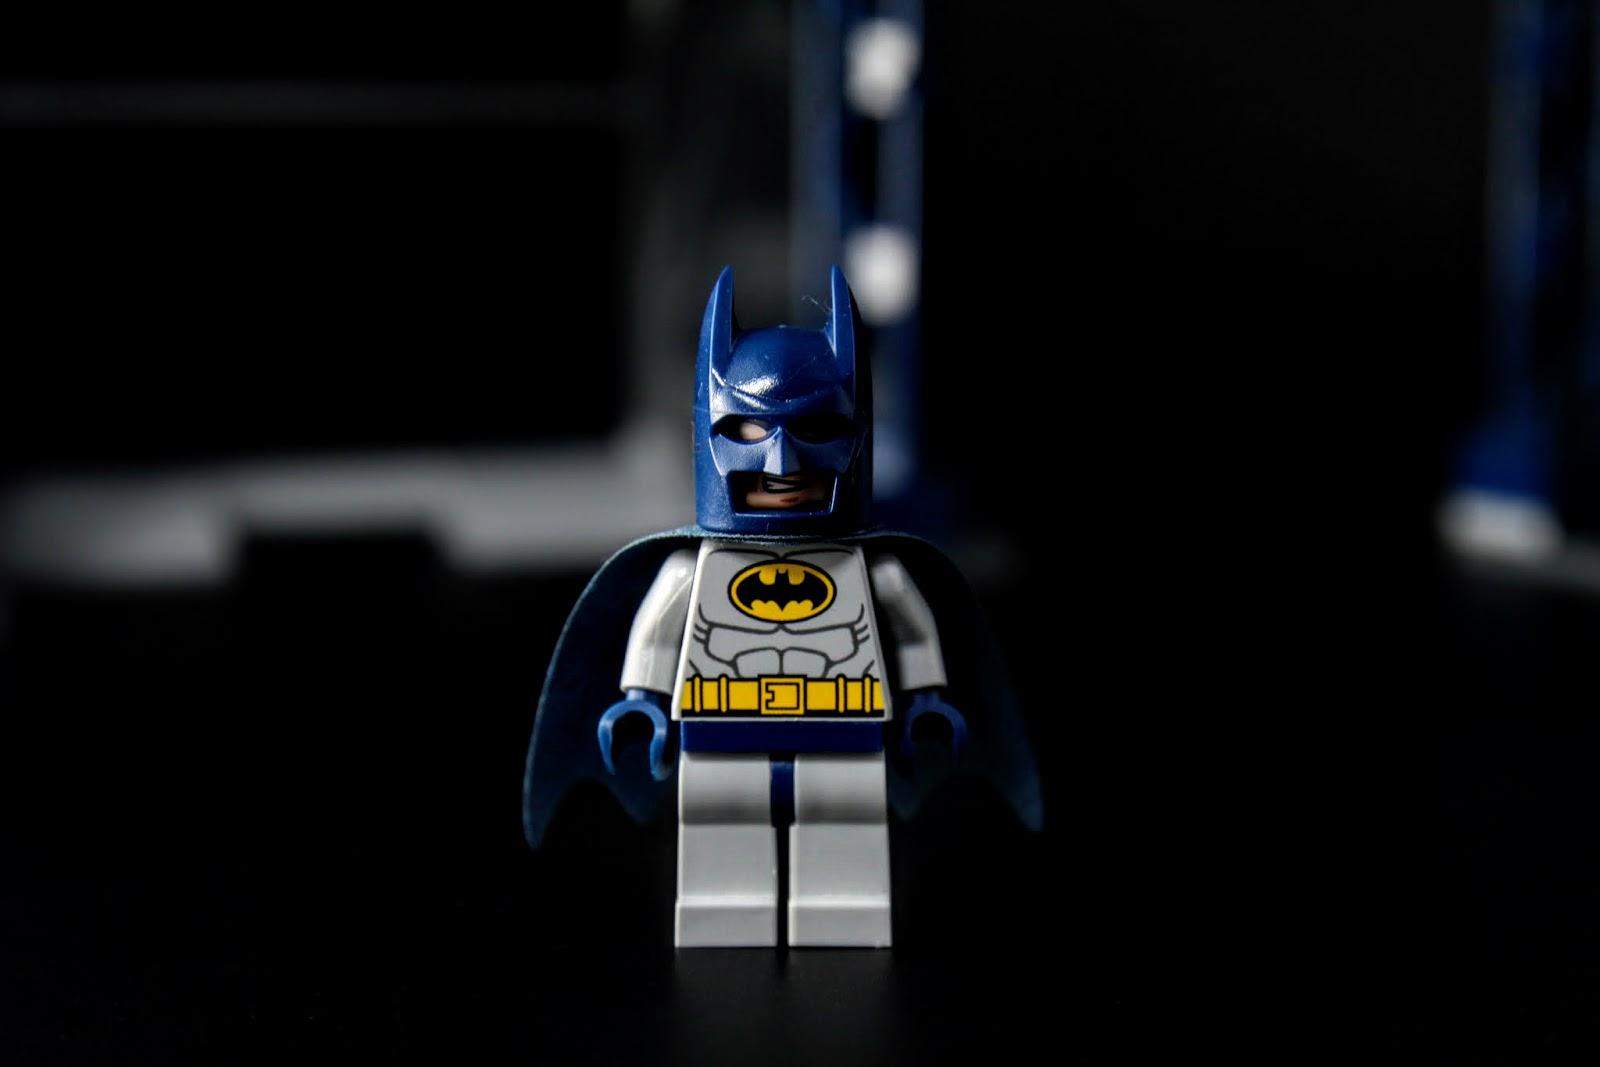 另一個表情是很機車的笑容,反正蝙蝠俠本來就是一個裱仔子